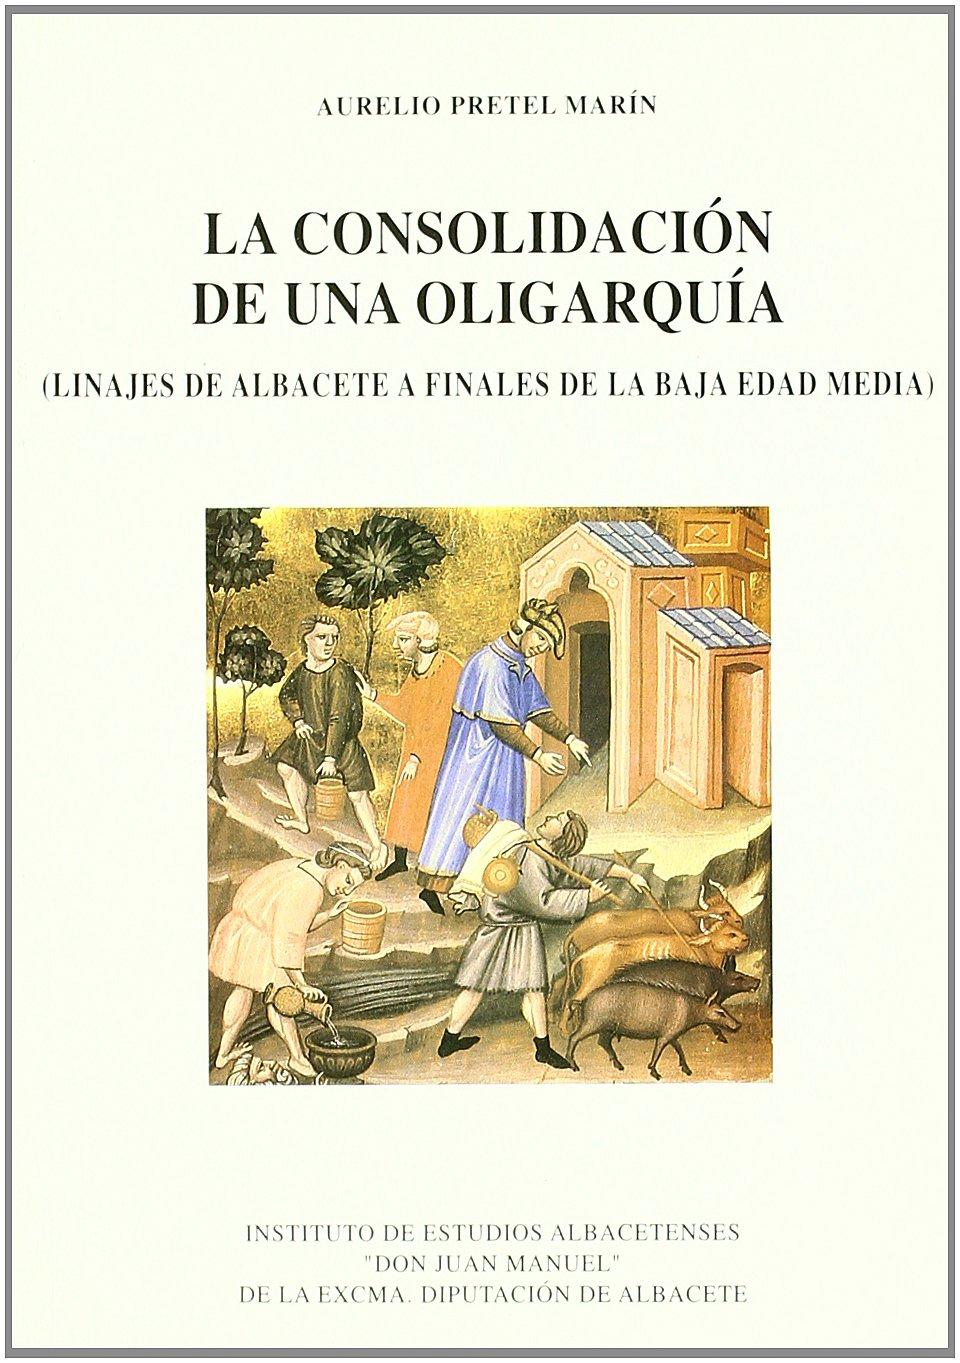 Download Consolidacion de Una Oligarquia.Linajes de Albacete a Finales de Baja Edad Media [Jan 01, 2001] PRETEL MARIN, A. pdf epub